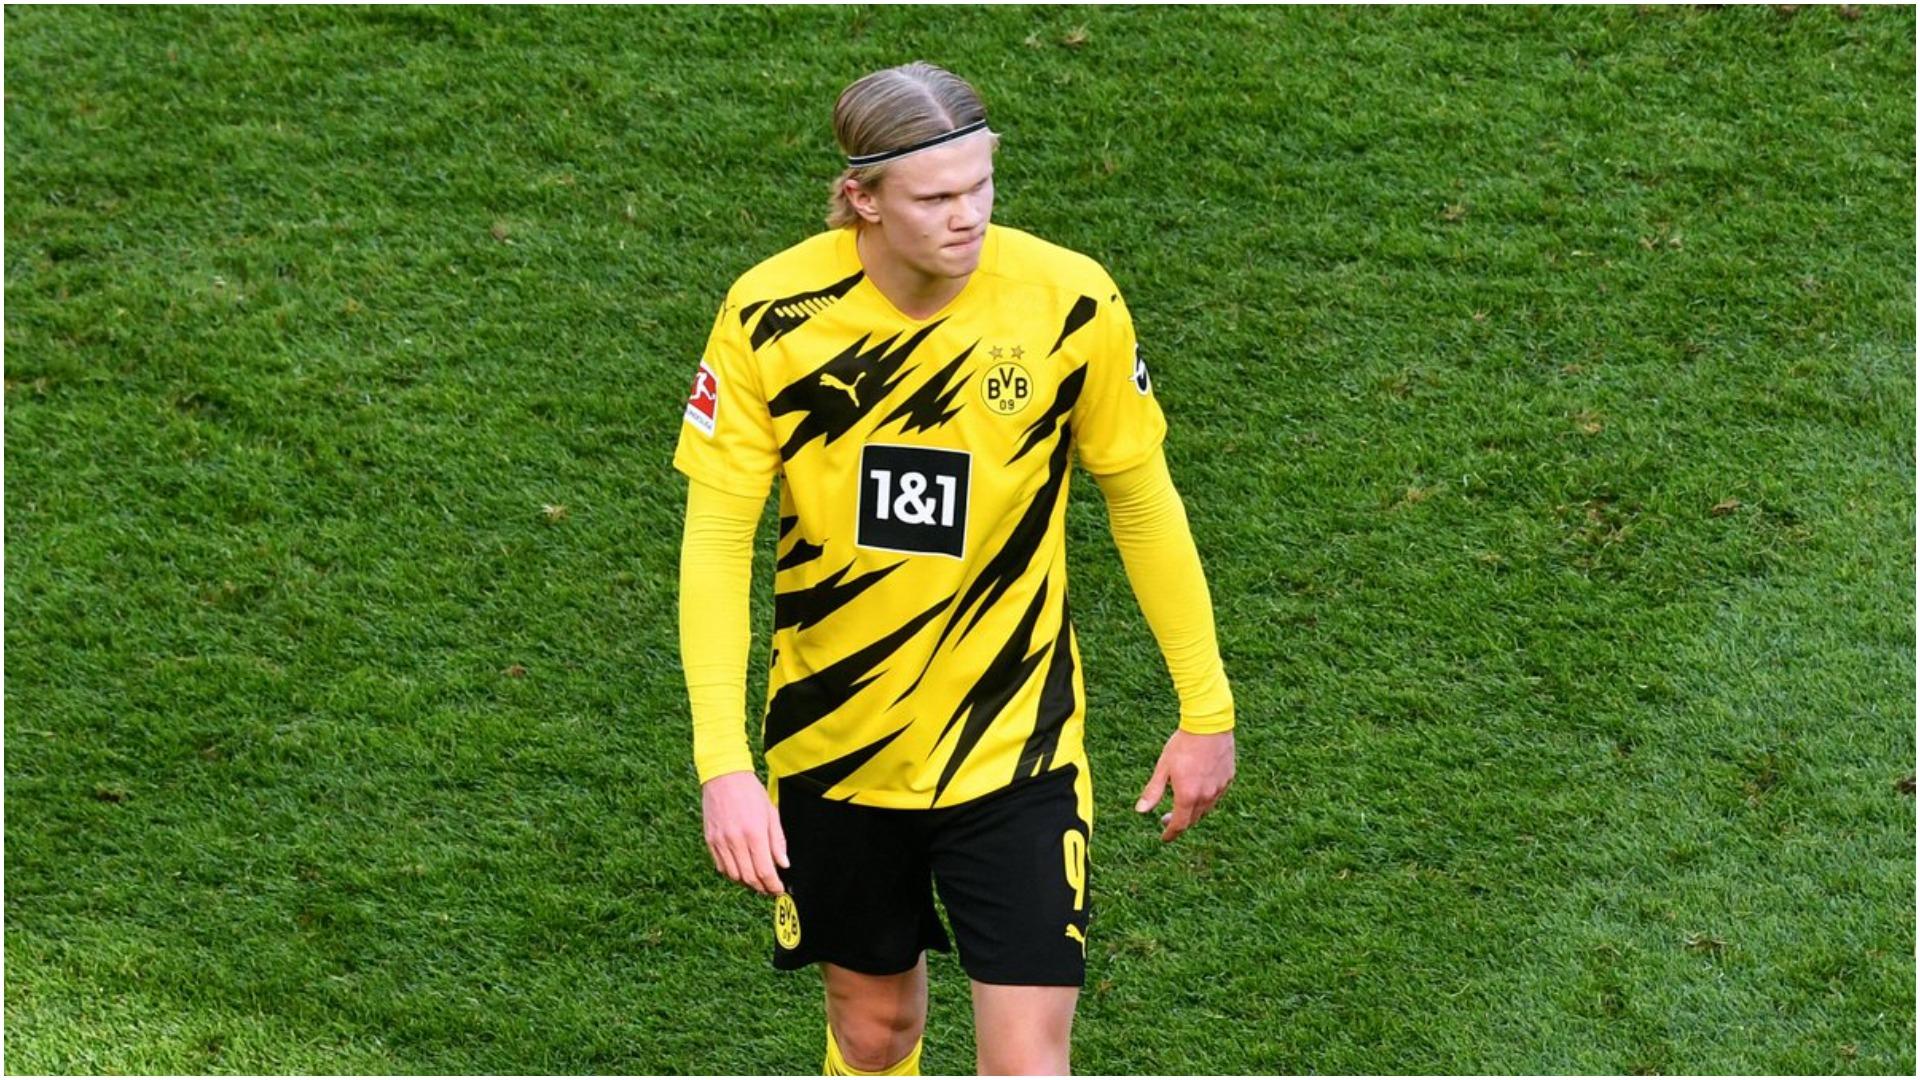 Mbyllet takimi Raiola-Haaland-Laporta, në Dortmund reagon drejtori i klubit